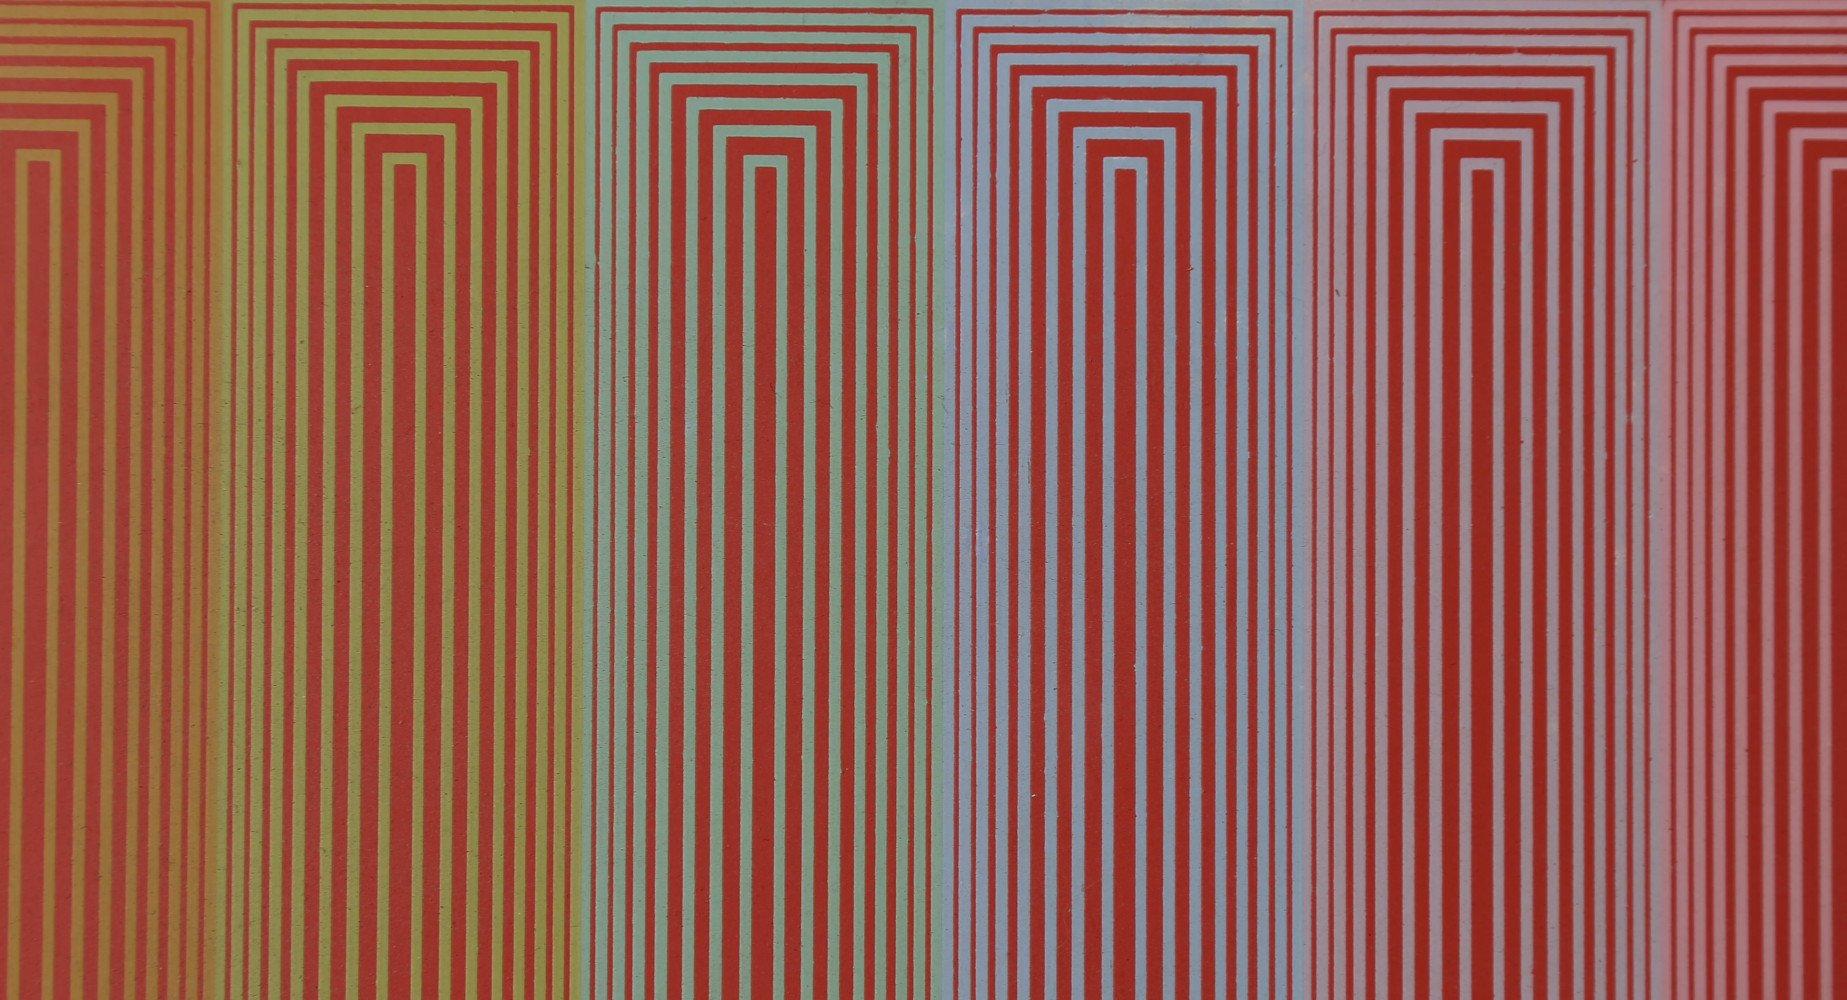 Untitled by Richard Anuszkiewicz